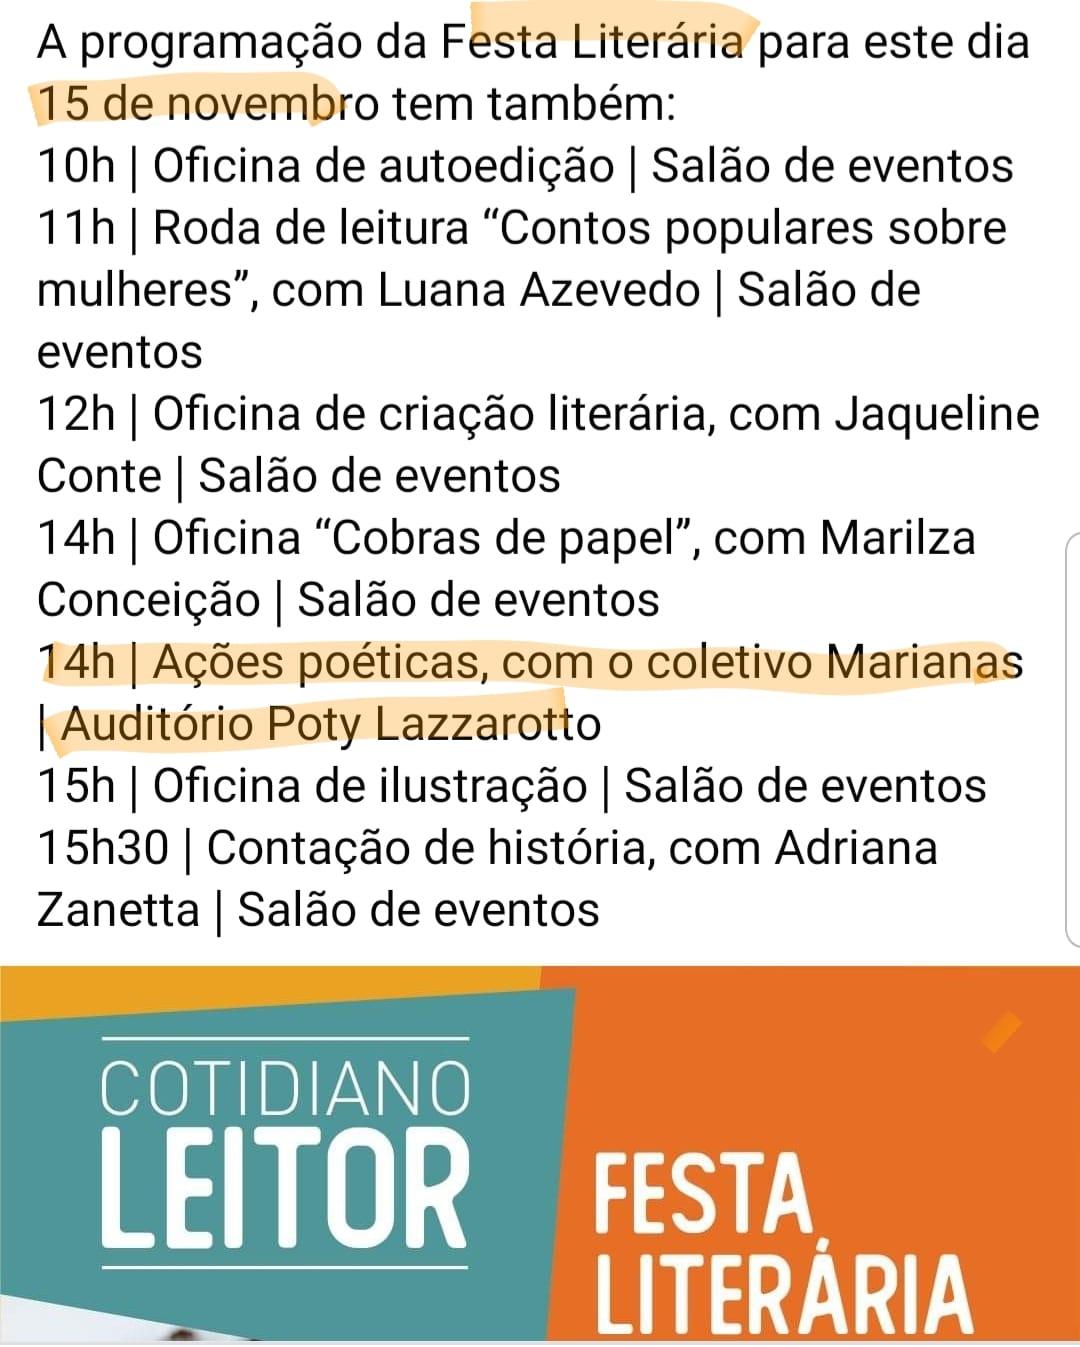 1ª Festa Literária Cotidiano Leitor